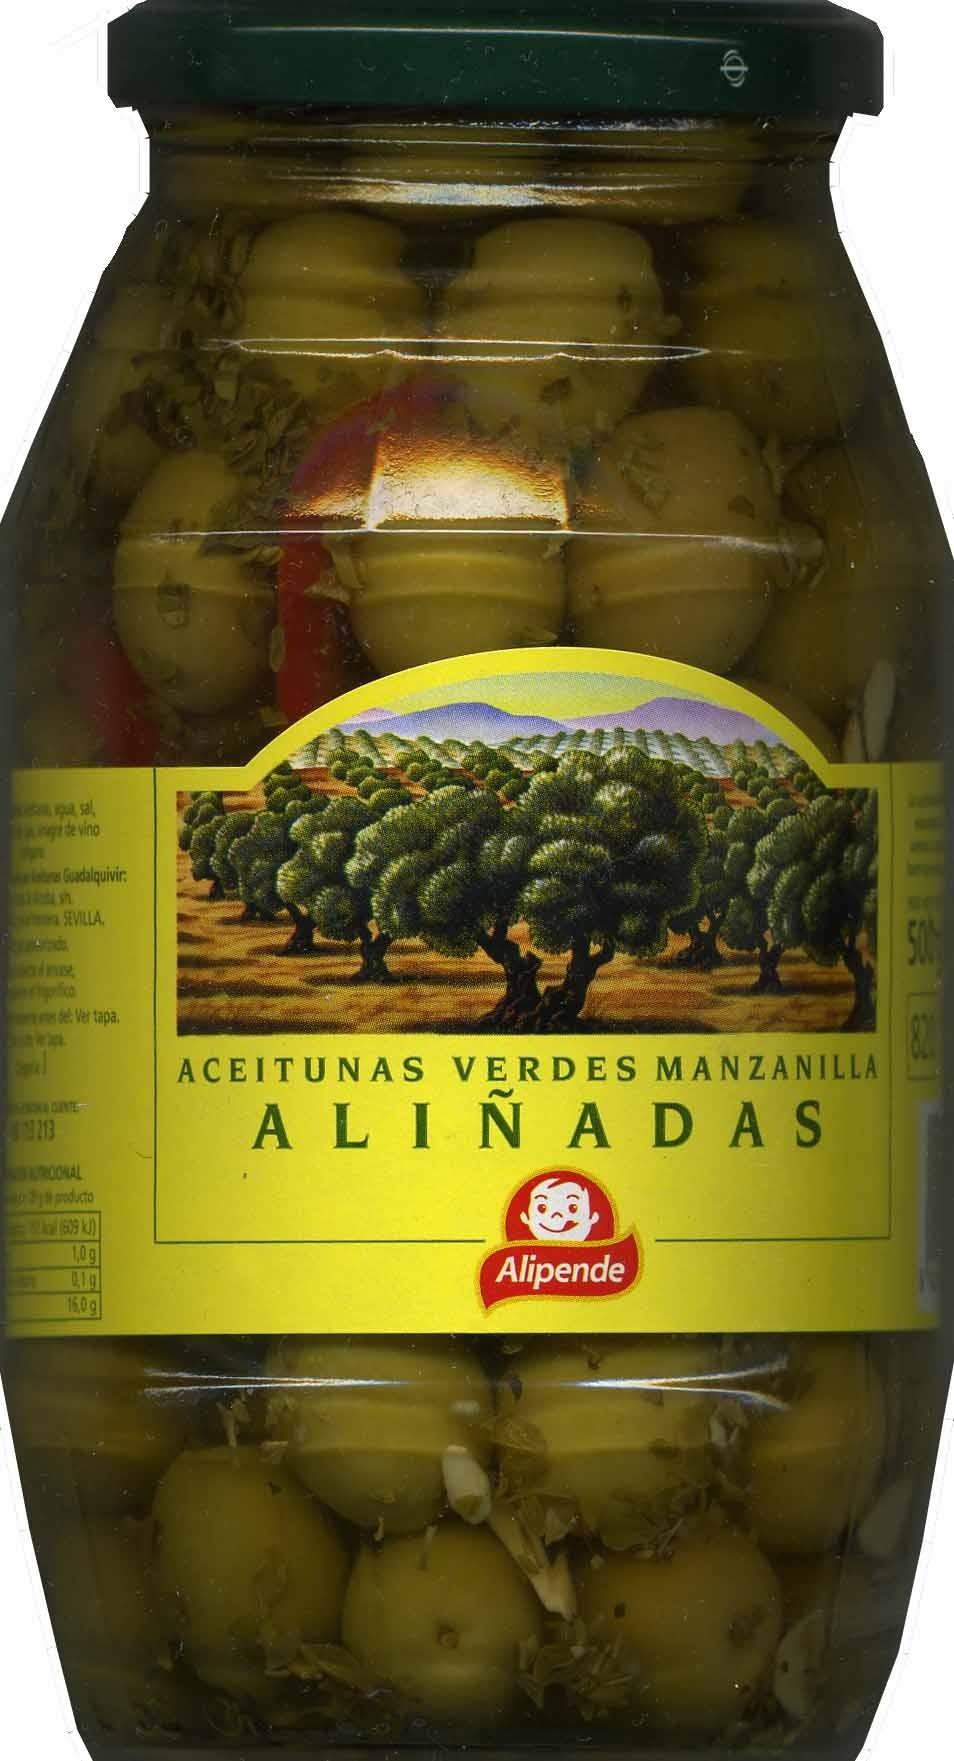 """Aceitunas verdes enteras aliñadas """"Alipende"""" Variedad Manzanilla - Producte - es"""